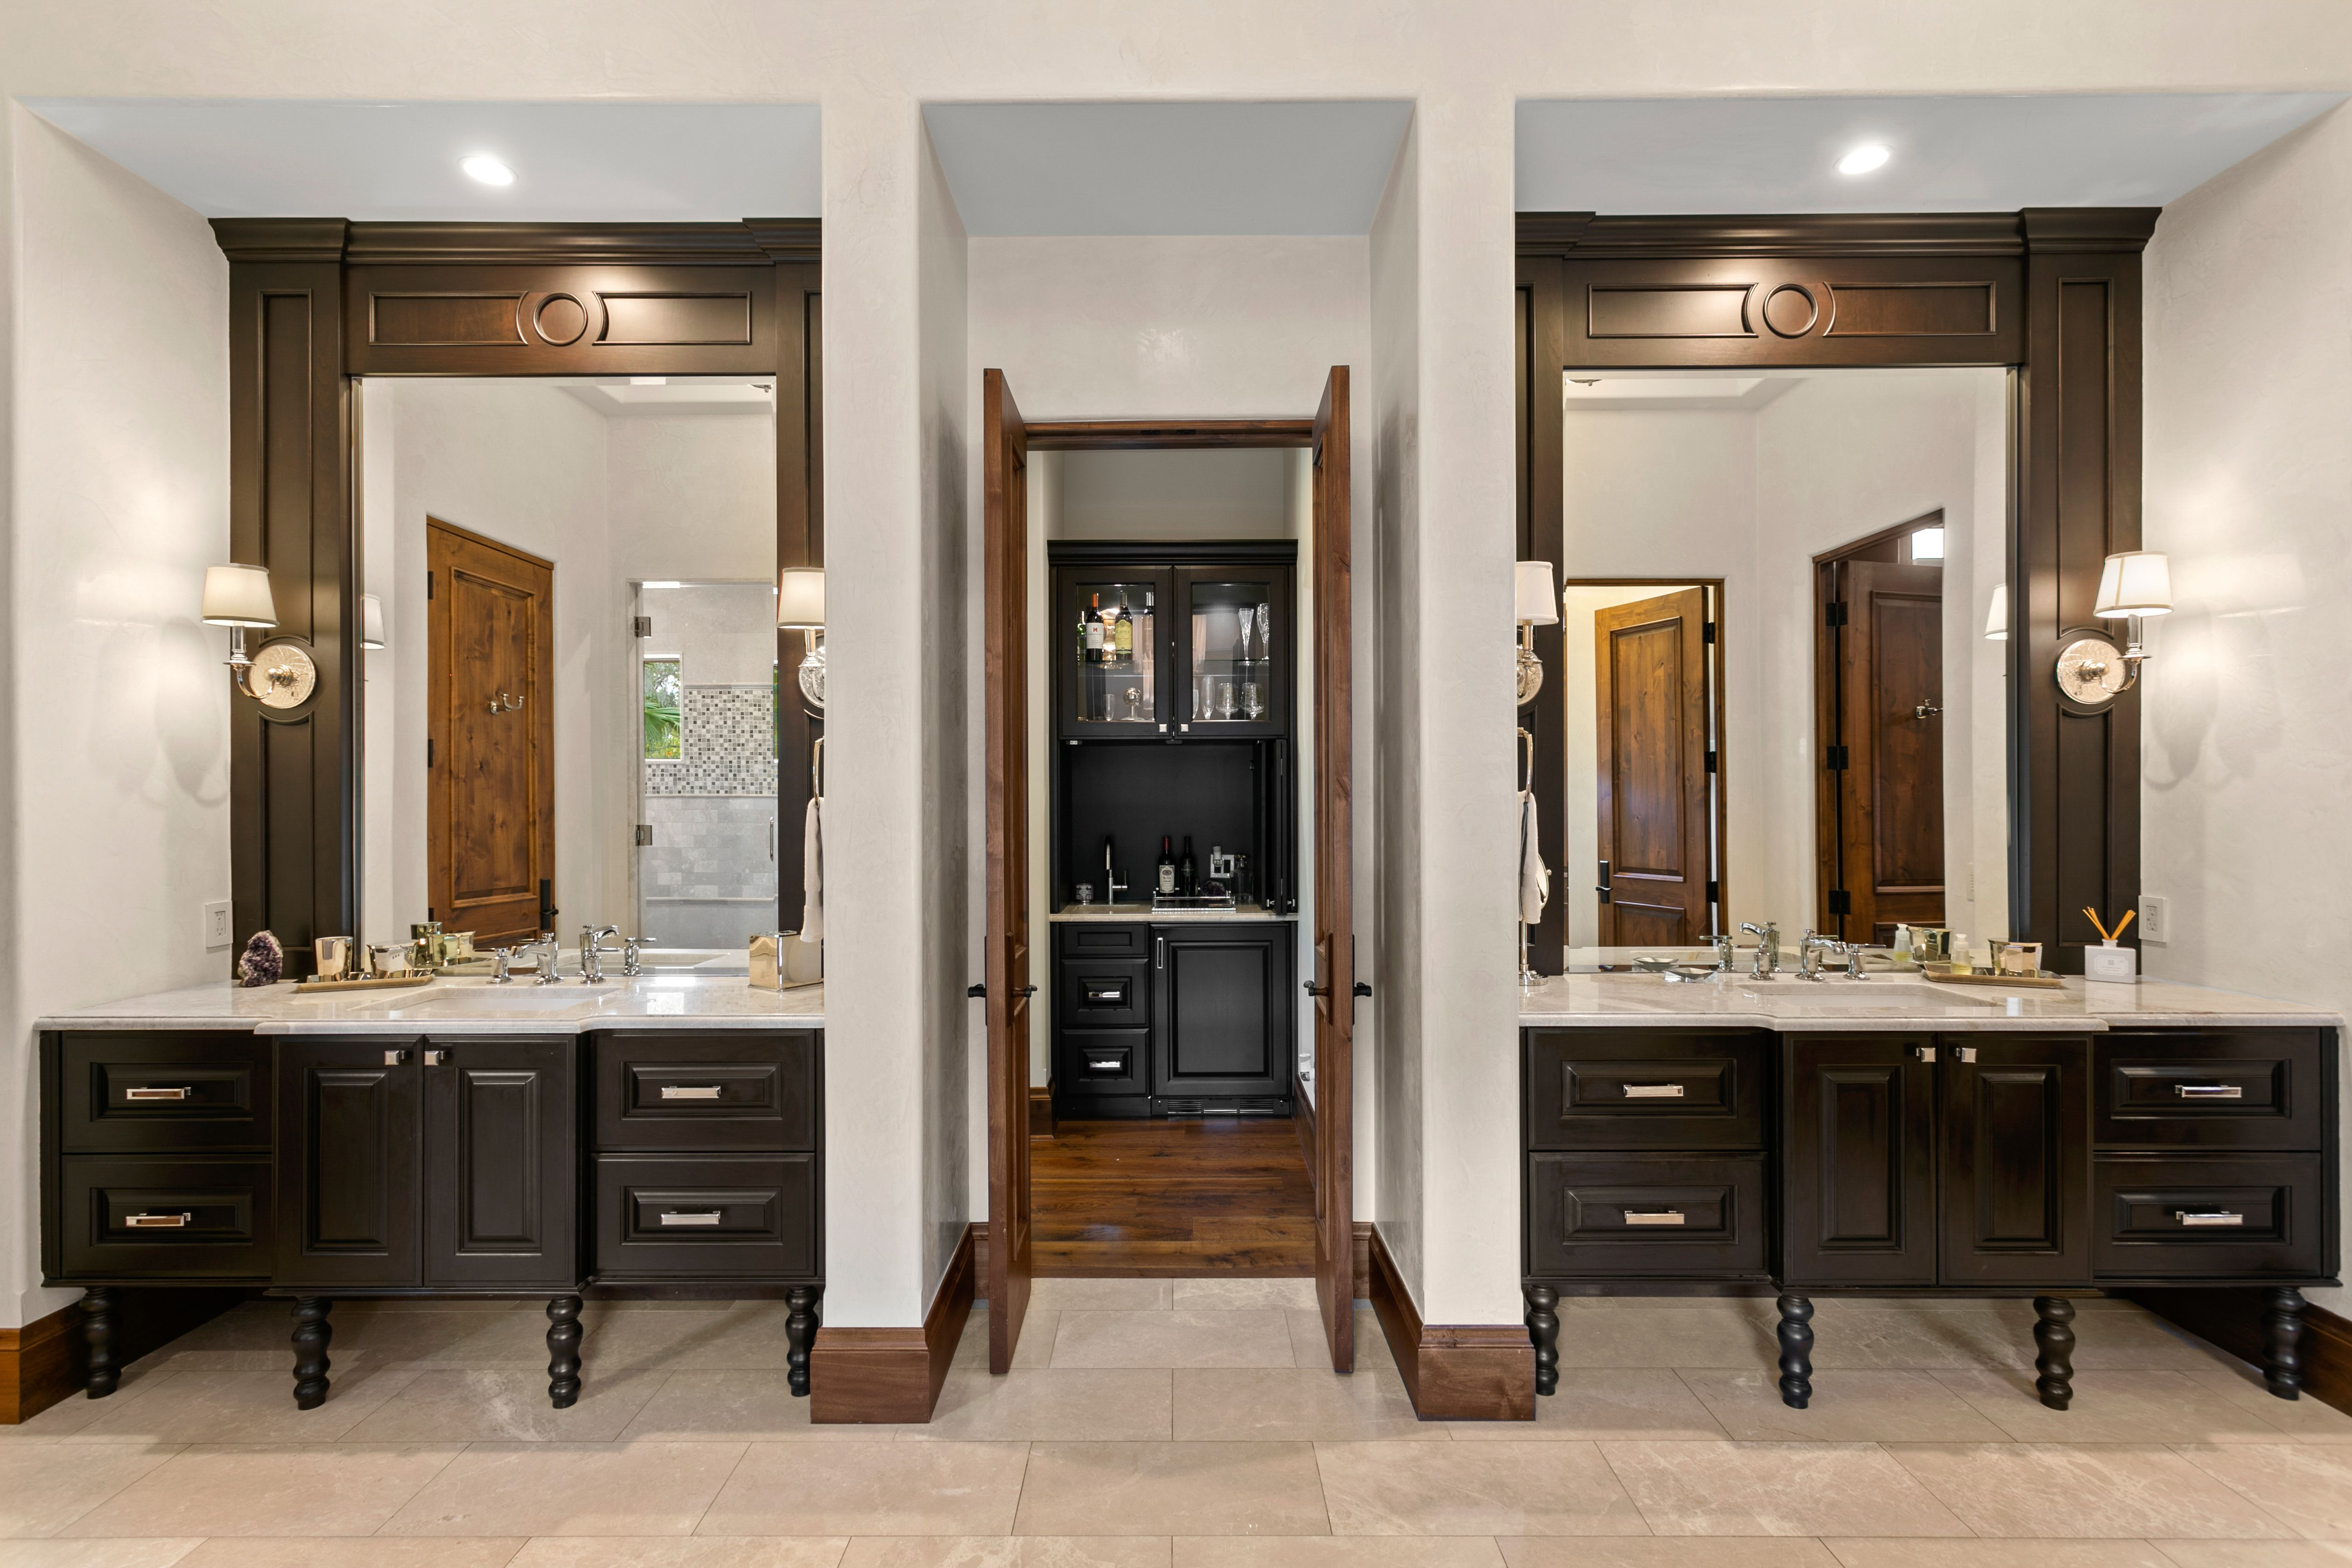 2621 N Dundee St bathroom